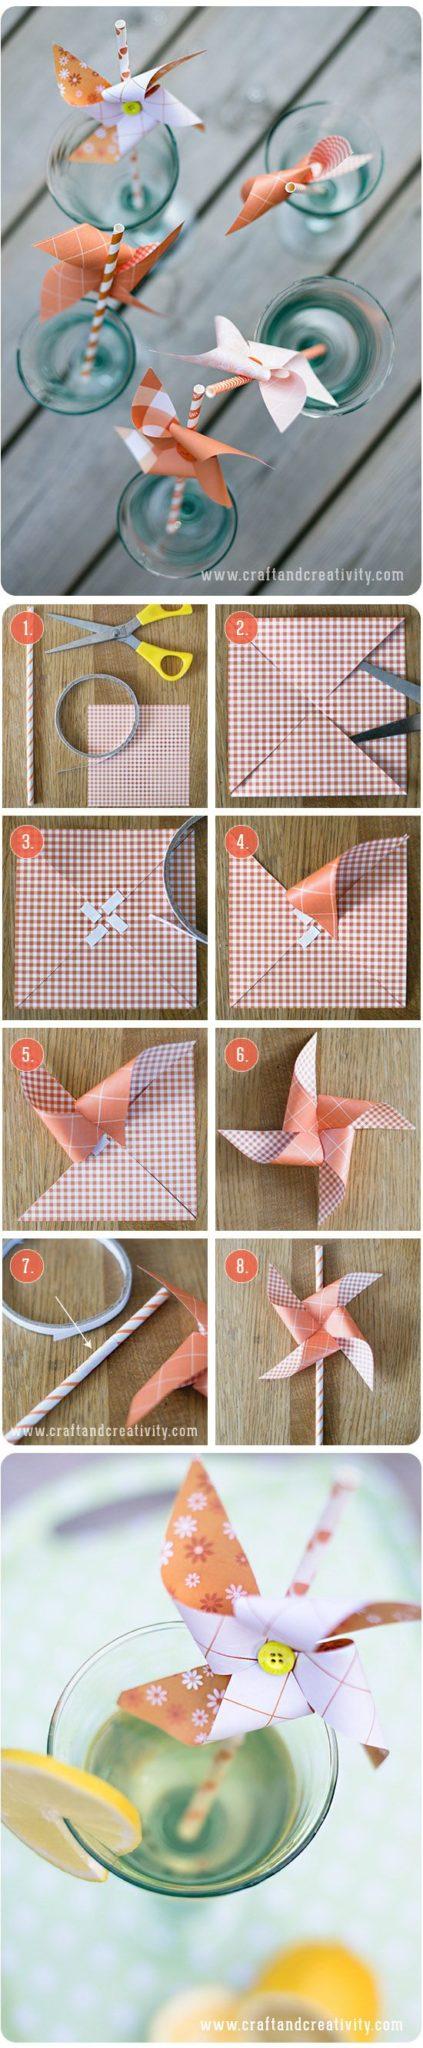 molinillos-viento-papel-tutorial-diy-muy-ingenioso: